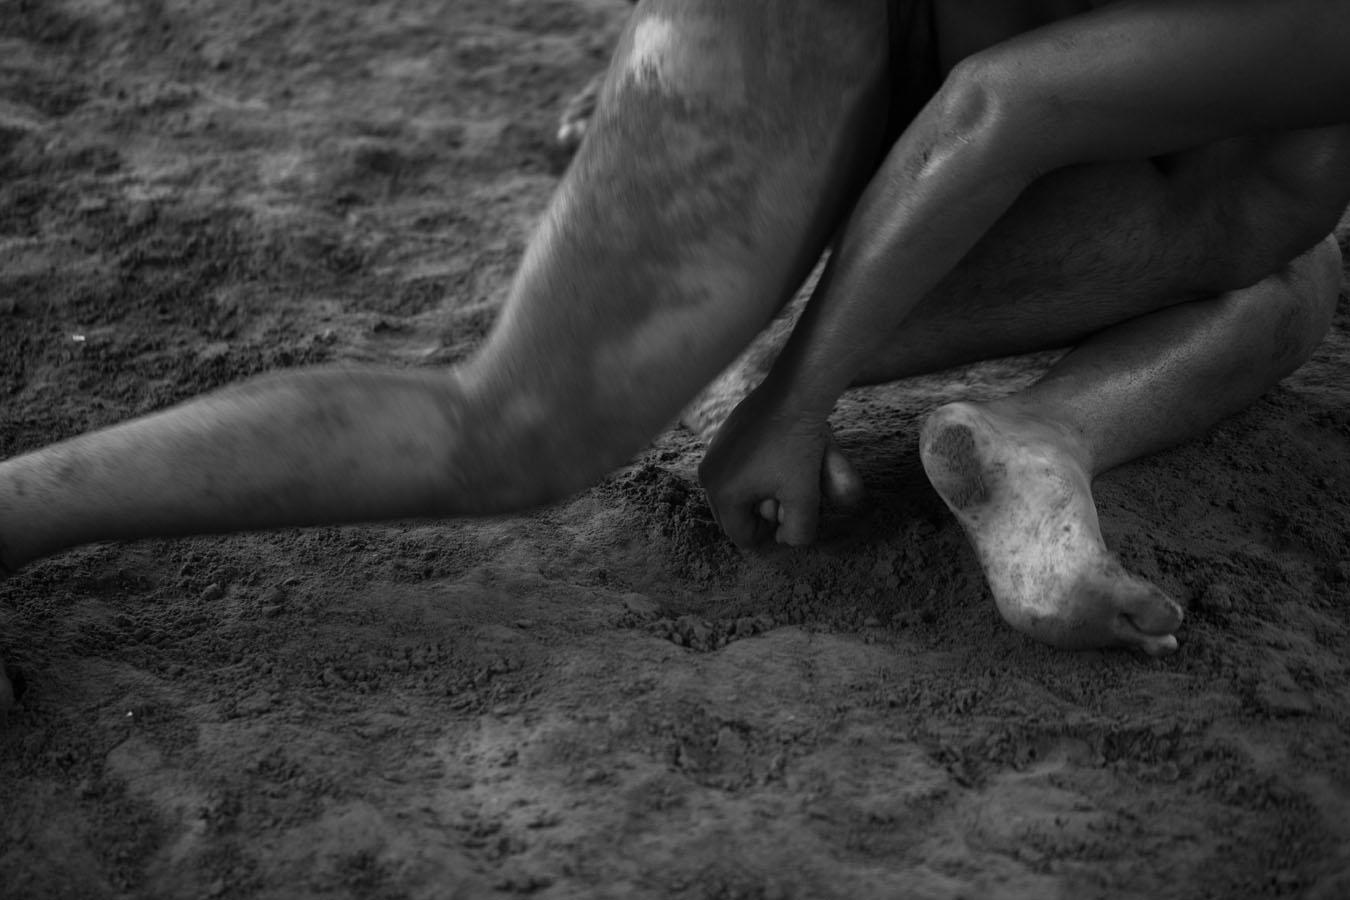 wrestling-_19